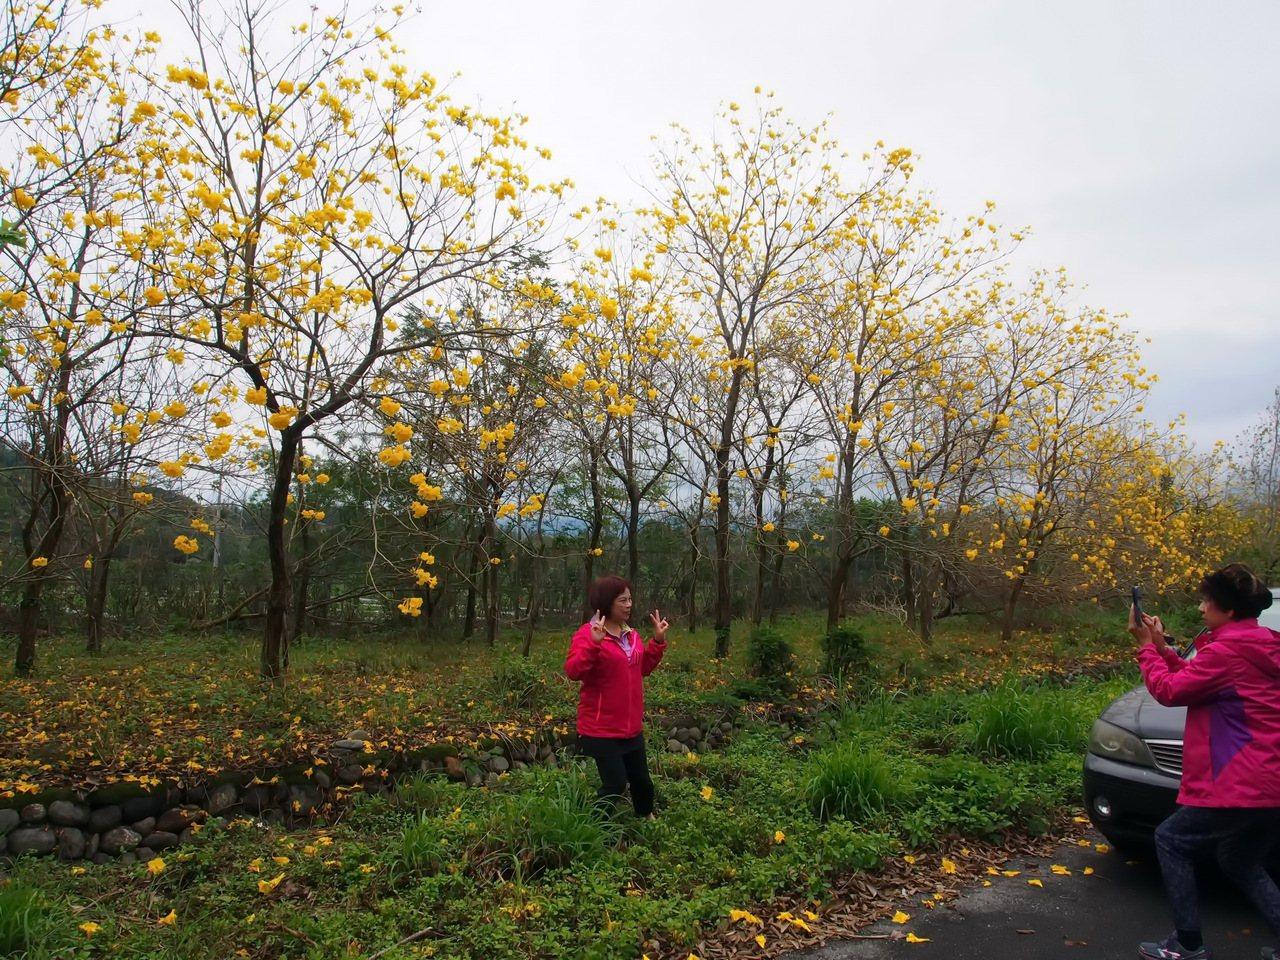 黃花風鈴木近日盛開,民眾把握連假前往拍照。記者潘俊偉/攝影